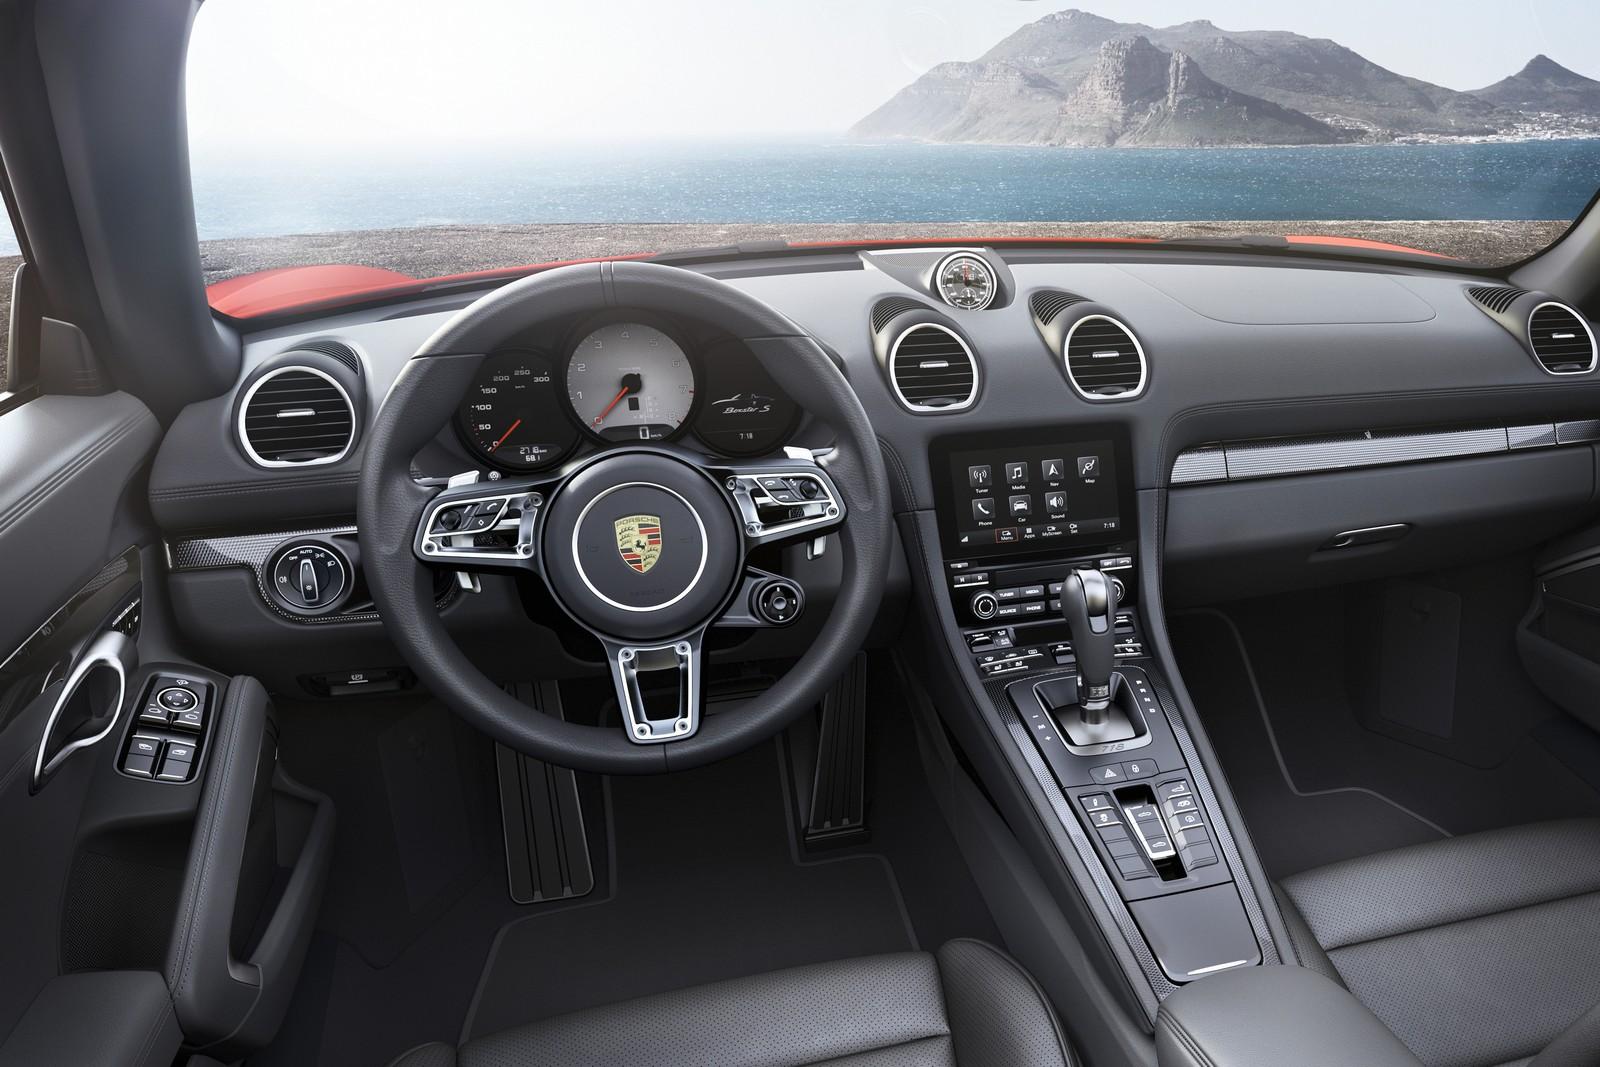 Porsche 718 Boxster S официальное фото, интерьер - руль + приборная панель